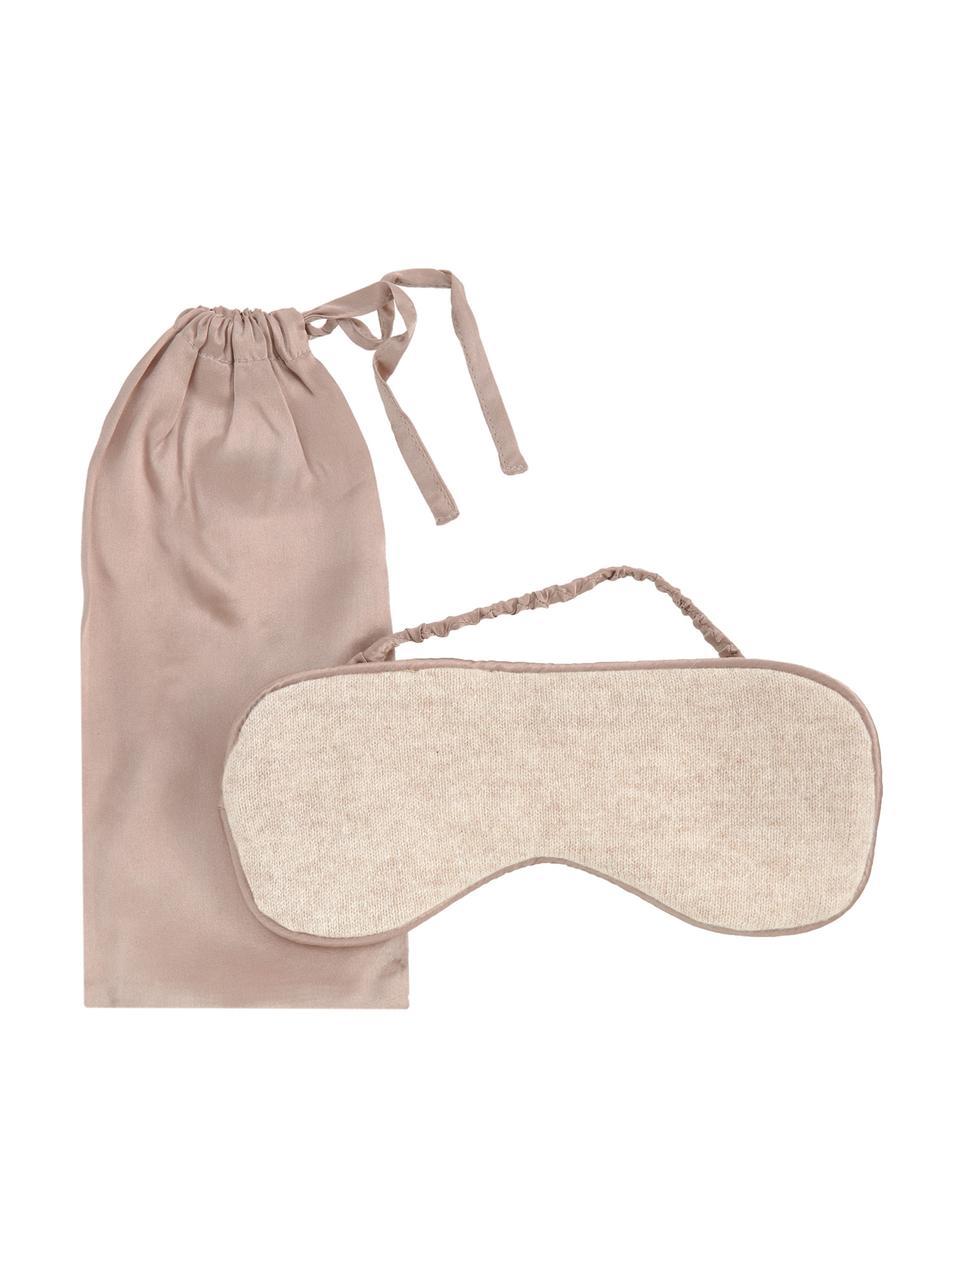 Maska do spania z jedwabiu Silke, Beżowy, taupe, S 21 x W 9 cm